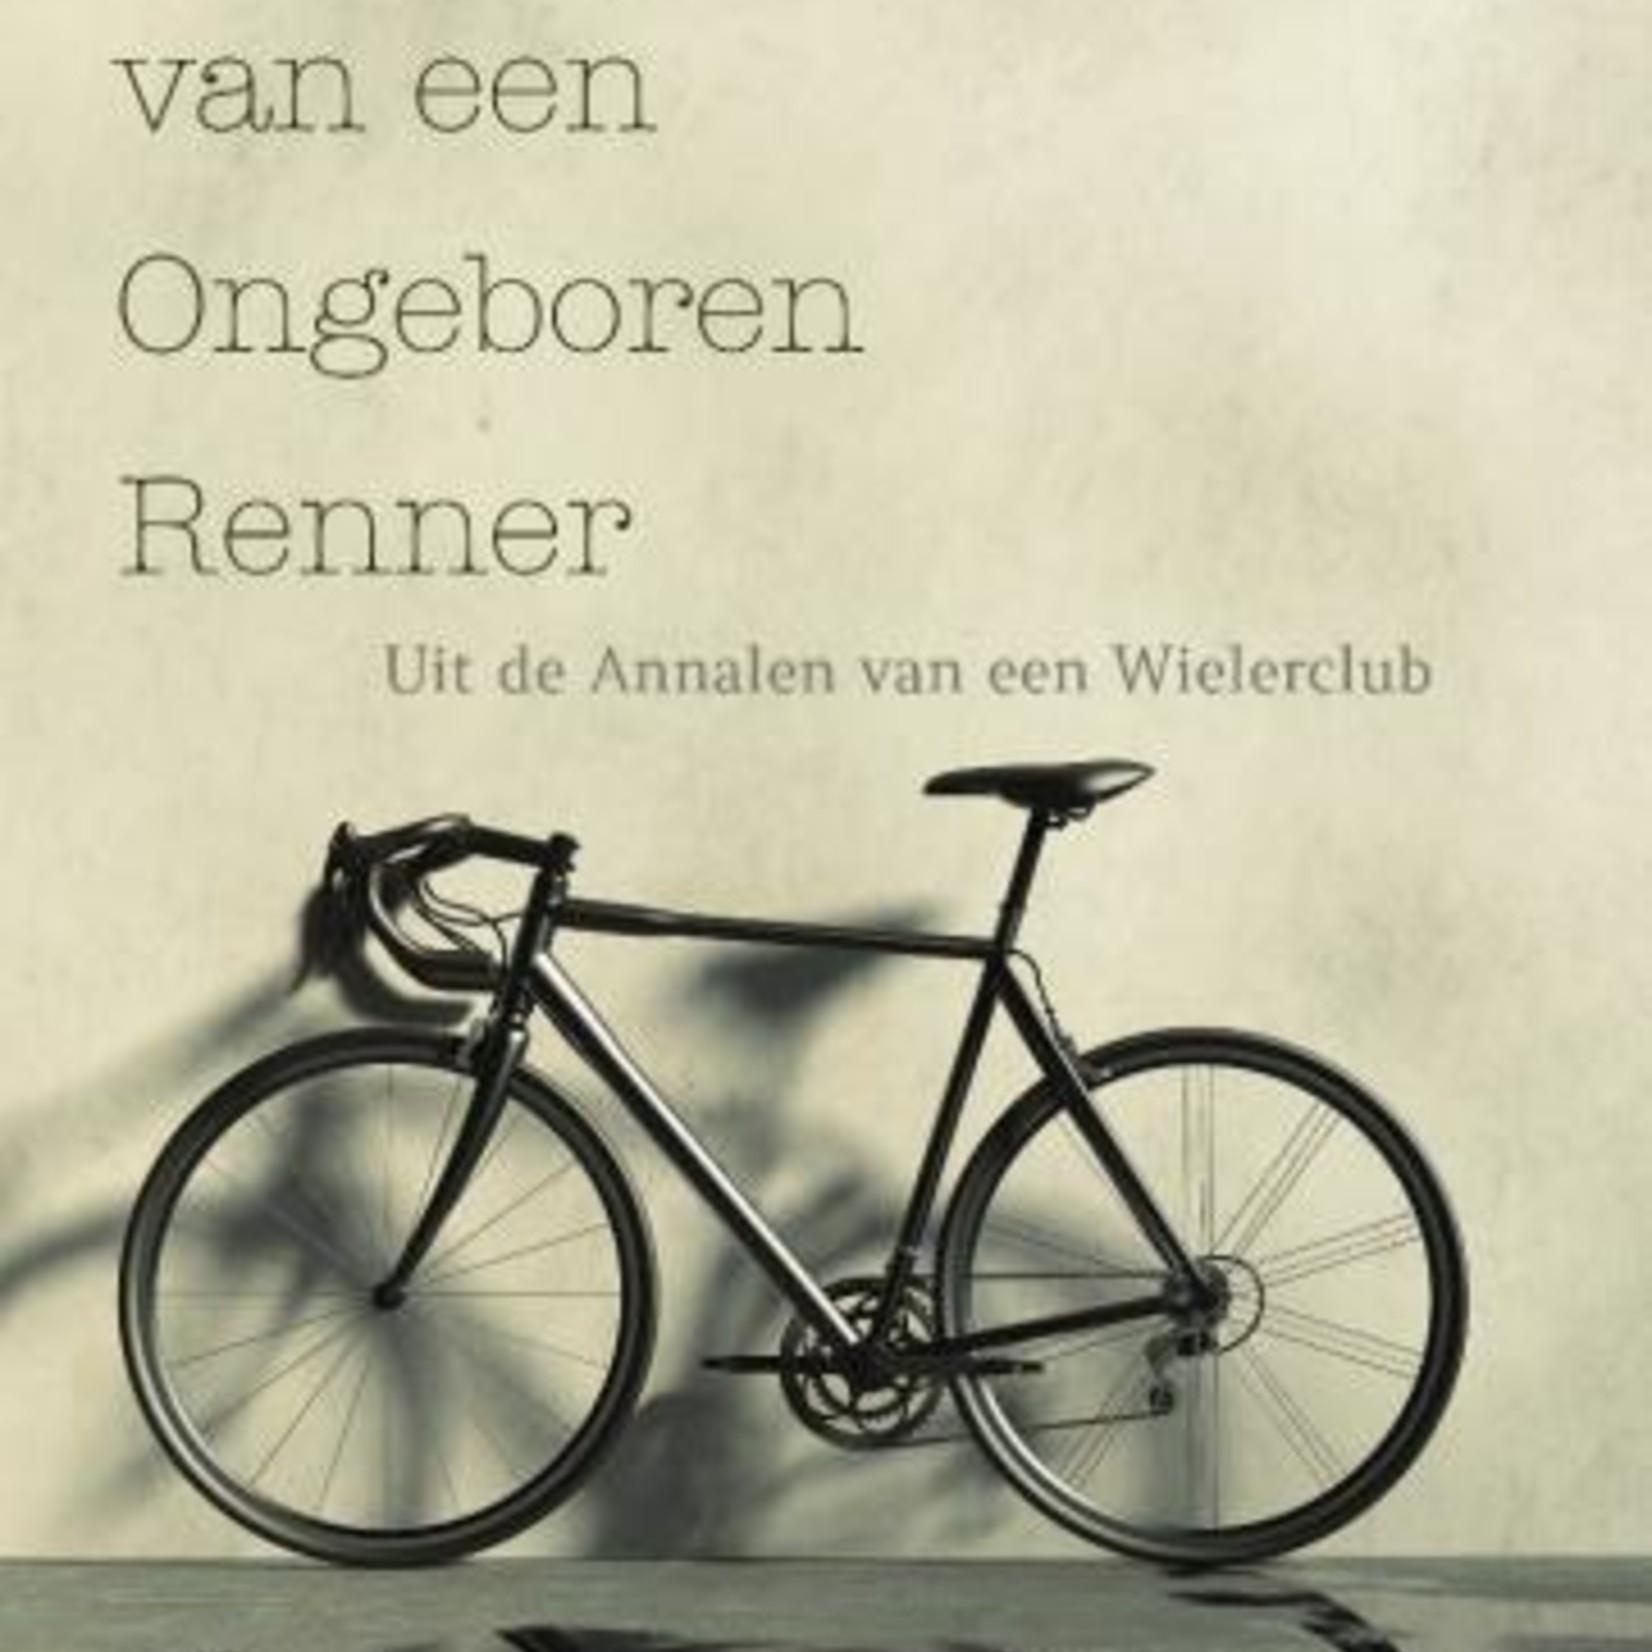 Book 'Kroniek van een ongeboren renner' (NED)